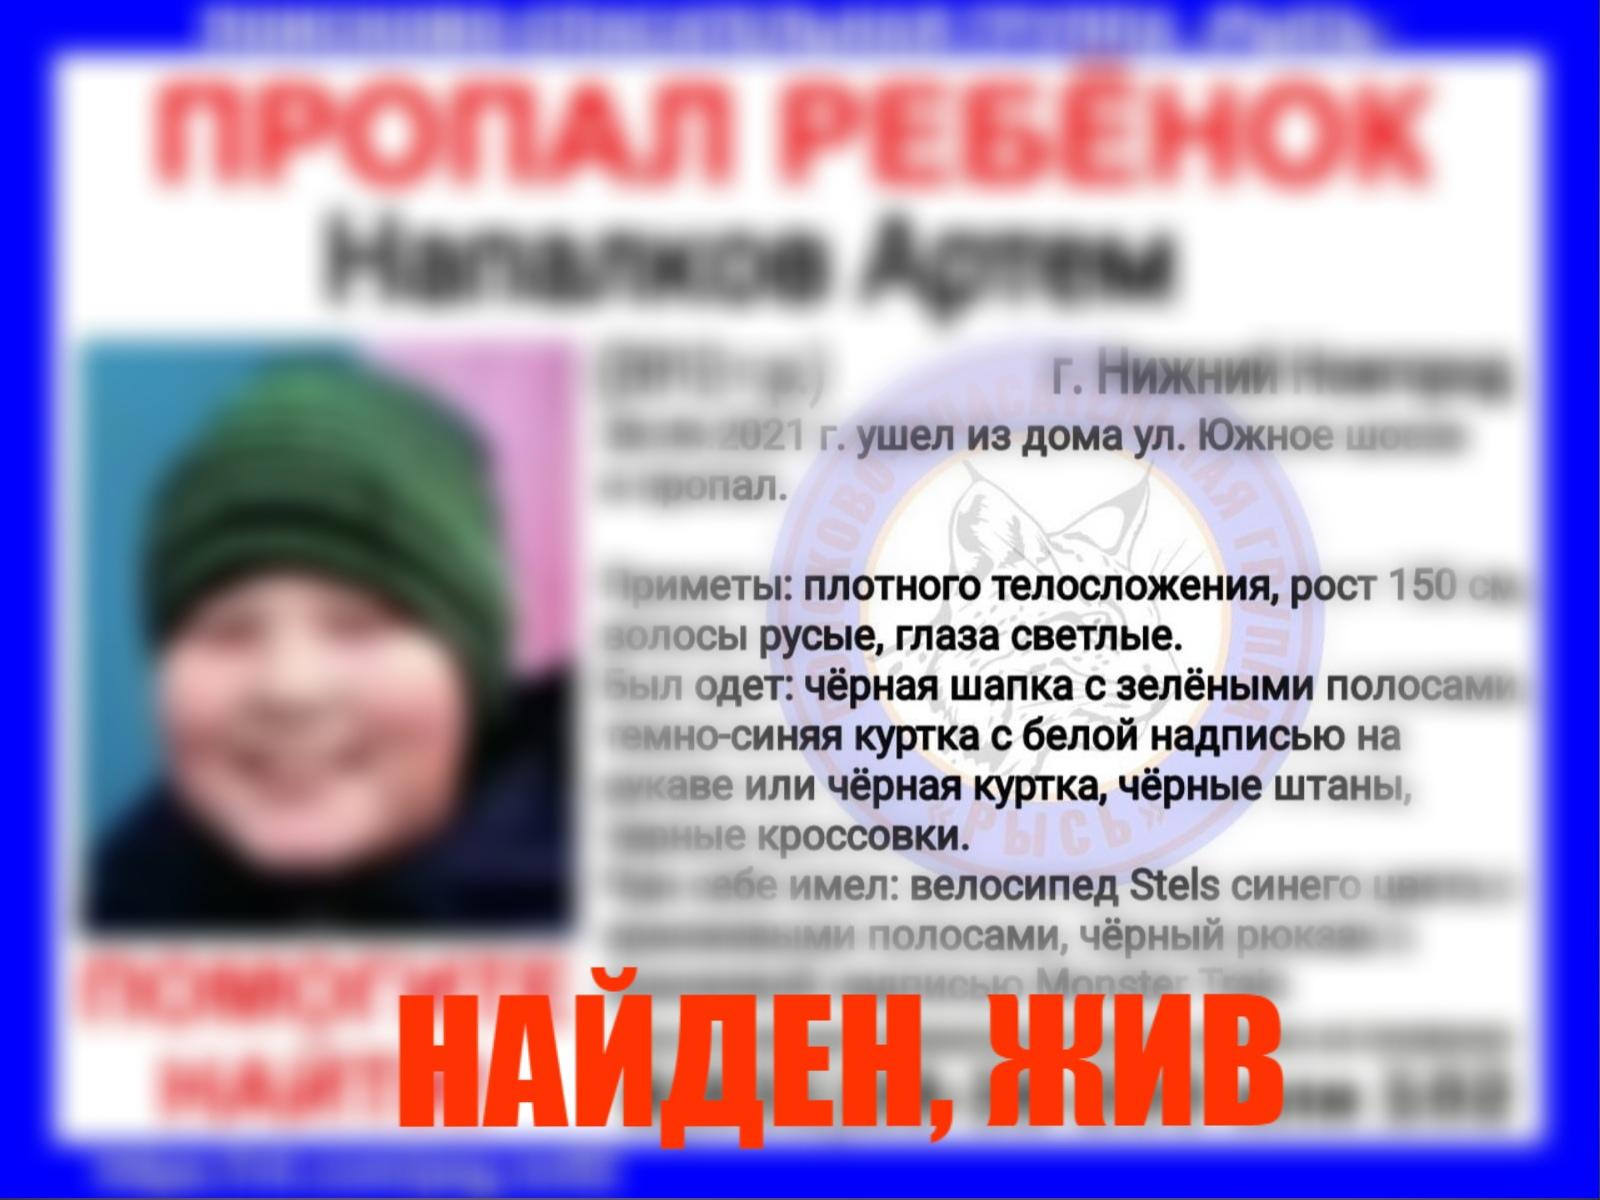 Напалков Артём, 2012 г. р., г. Нижний Новгород